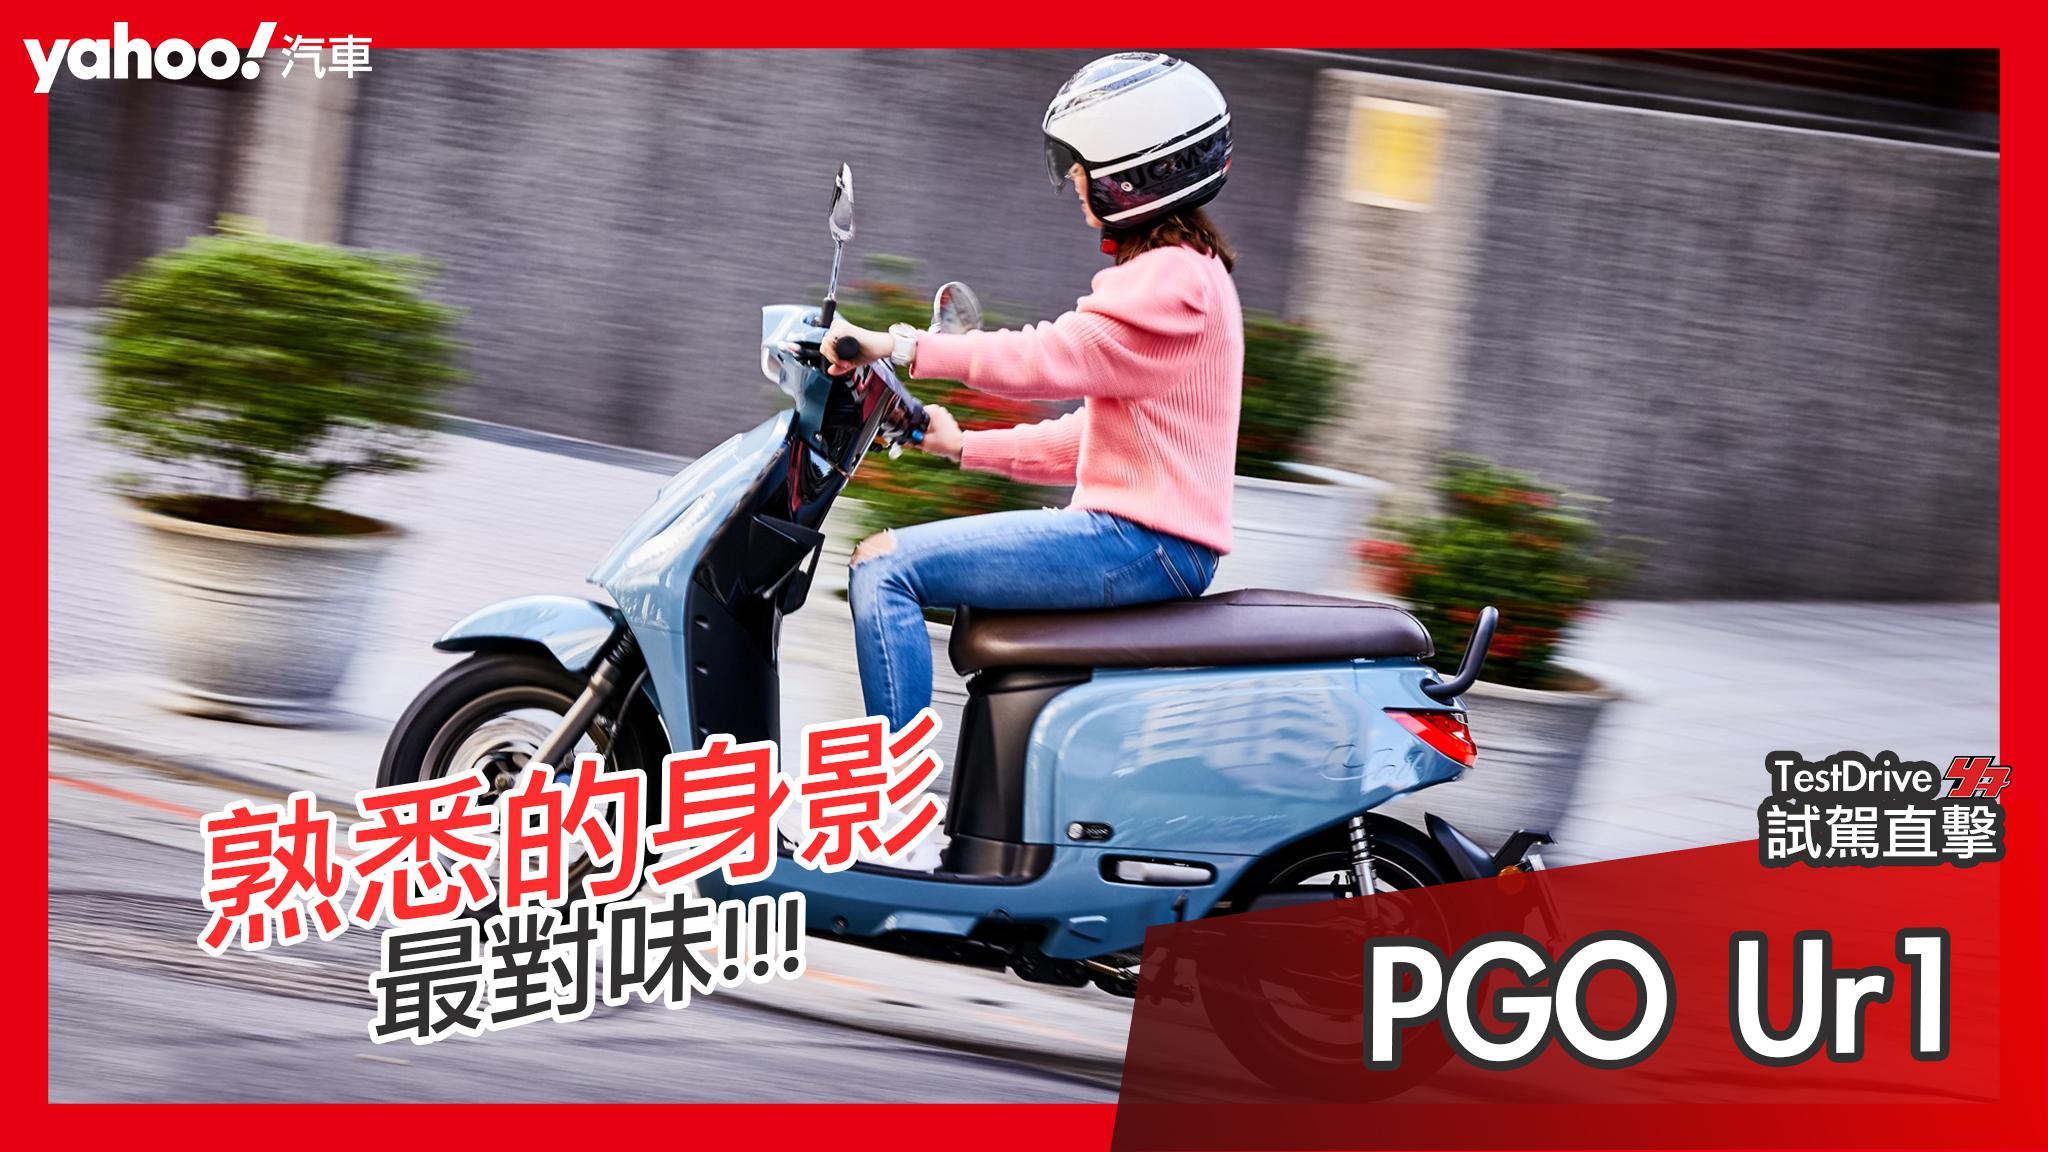 【試駕直擊】經典、自然更得體!PGO摩特動力電動機車Ur1老城區試駕